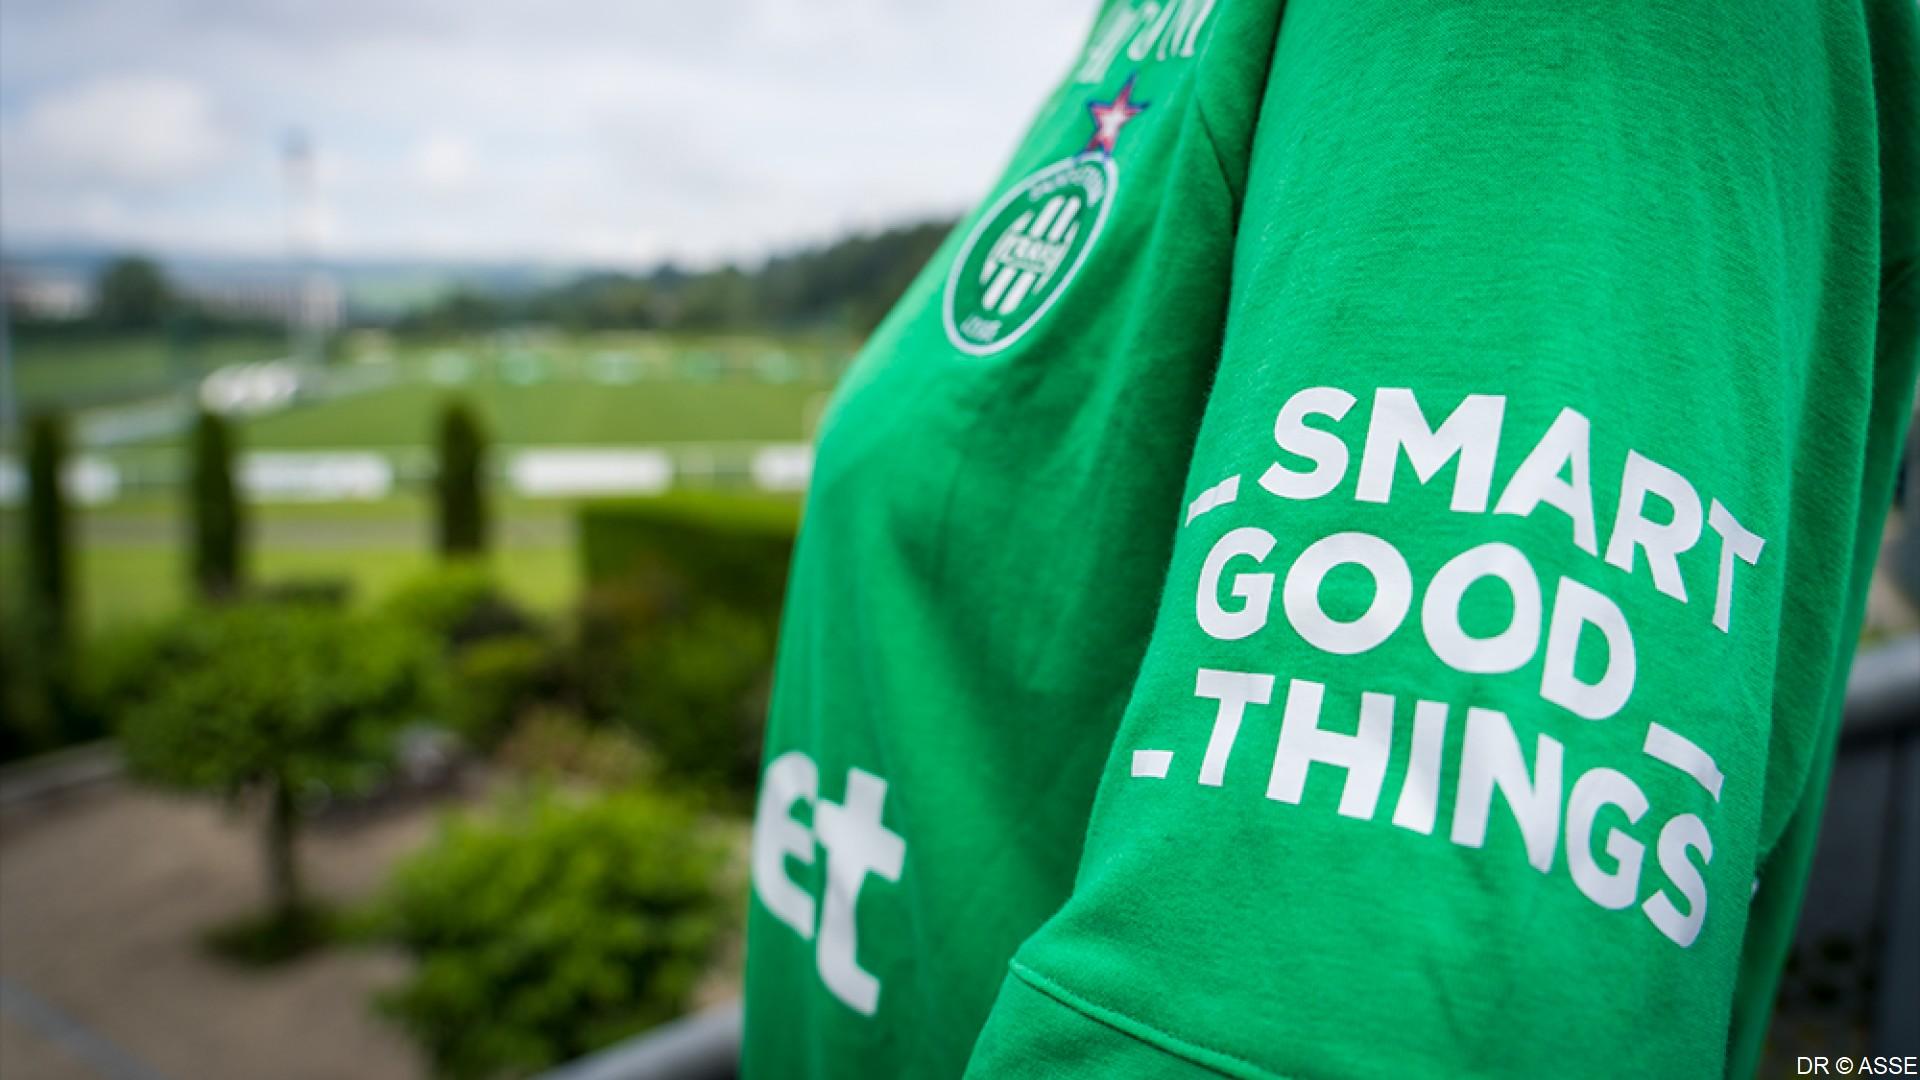 Smart Good Things x AS Saint-Etienne (football) 2021